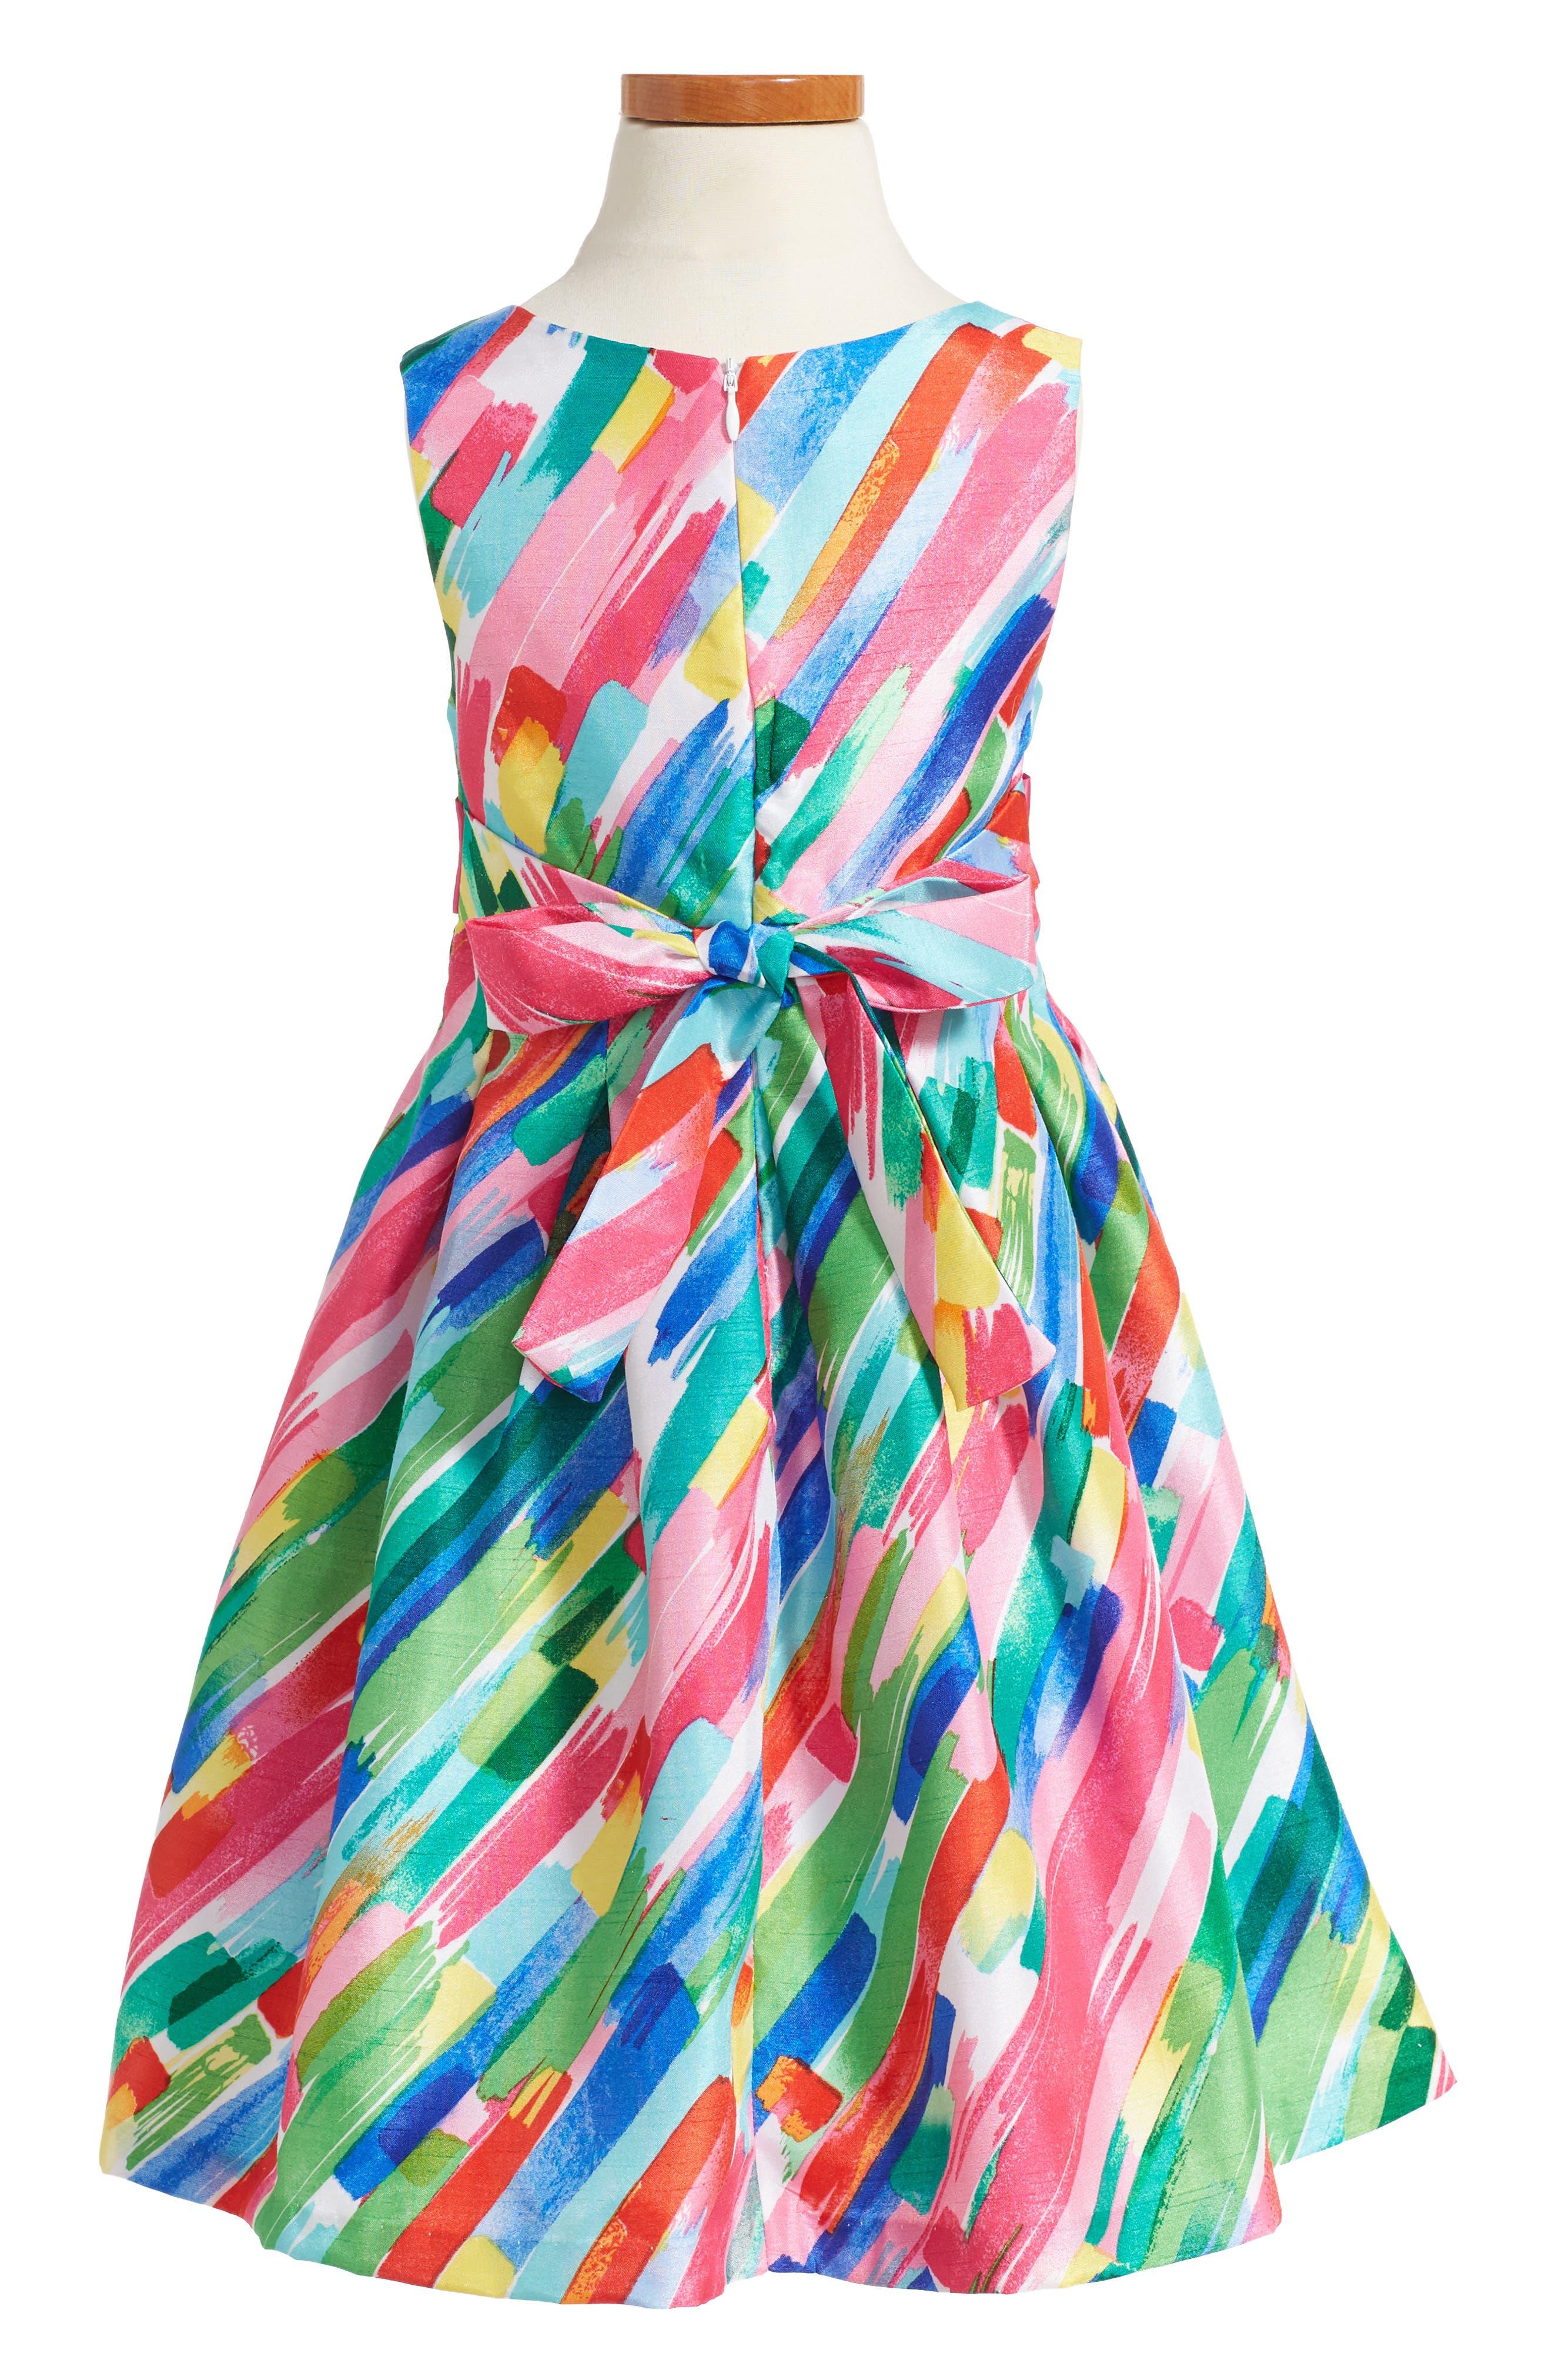 Paintstroke Print Shantung Party Dress,                             Alternate thumbnail 2, color,                             670